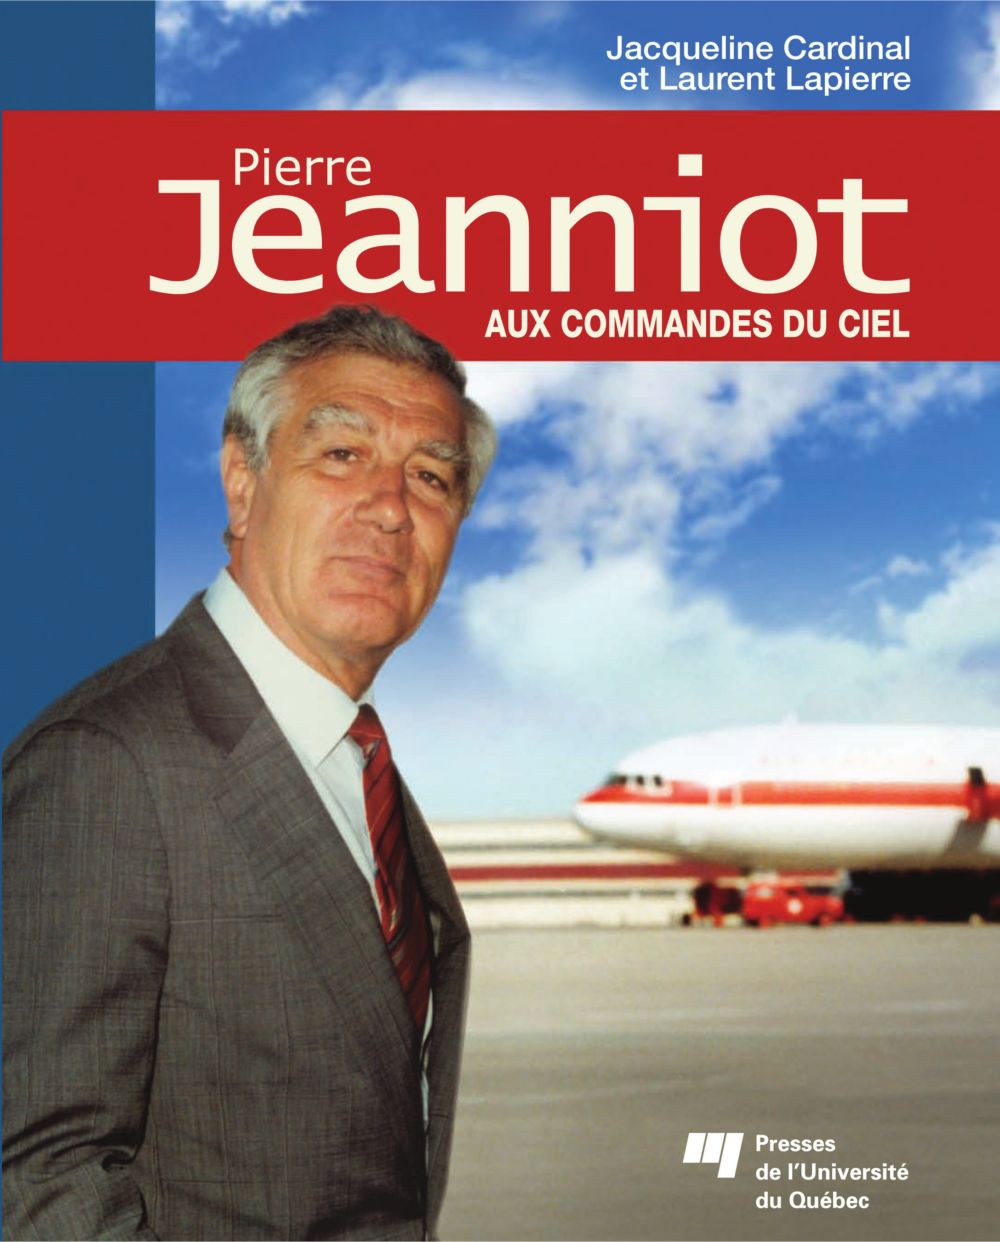 Pierre Jeanniot - Aux commandes du ciel